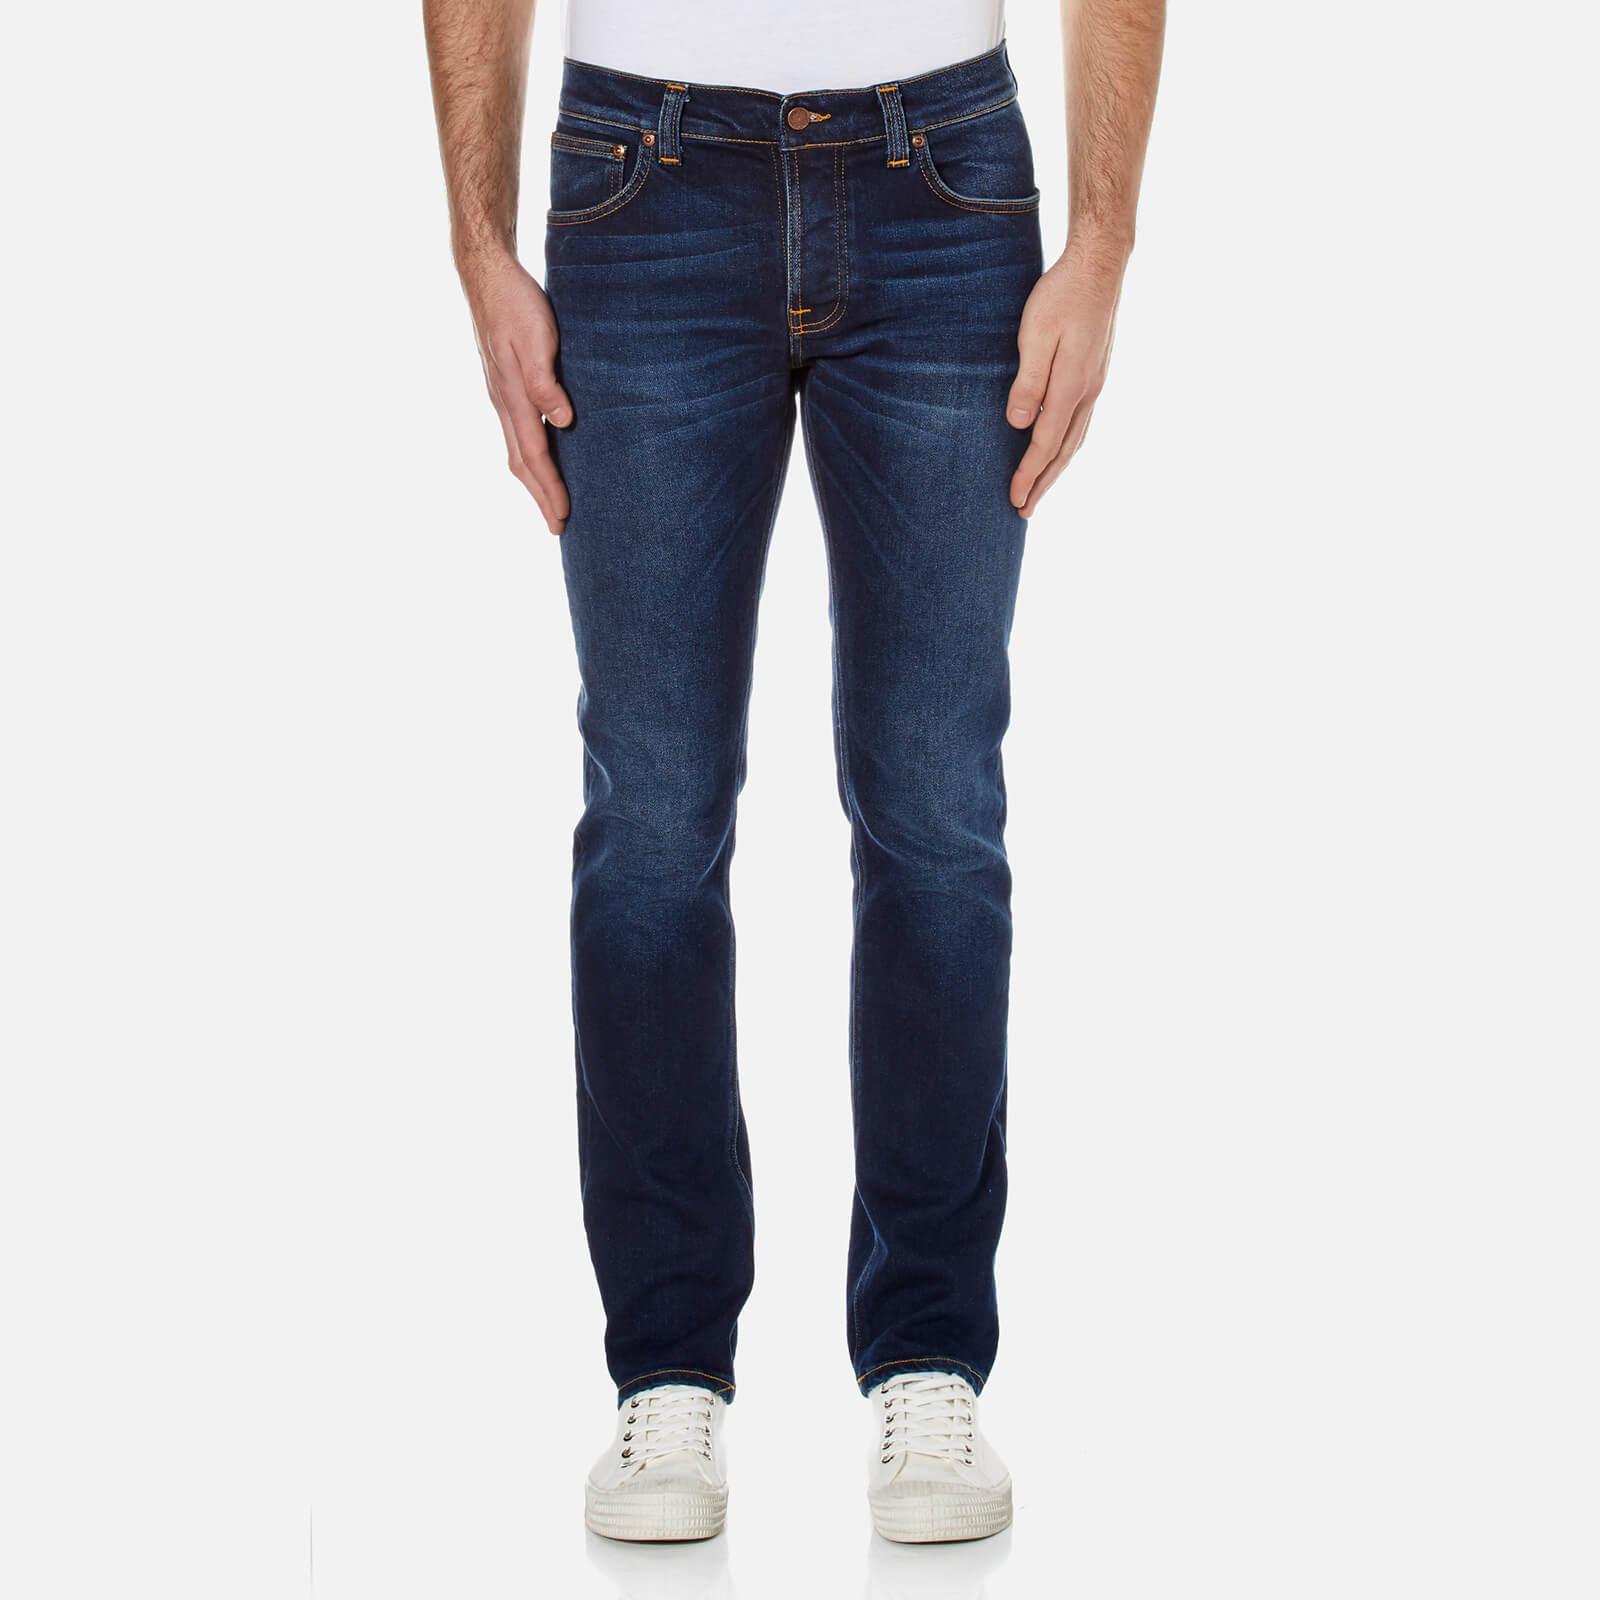 7be38b29ca92 Nudie Jeans Men s Grim Tim Slim Straight Jeans - Used Big Twill ...